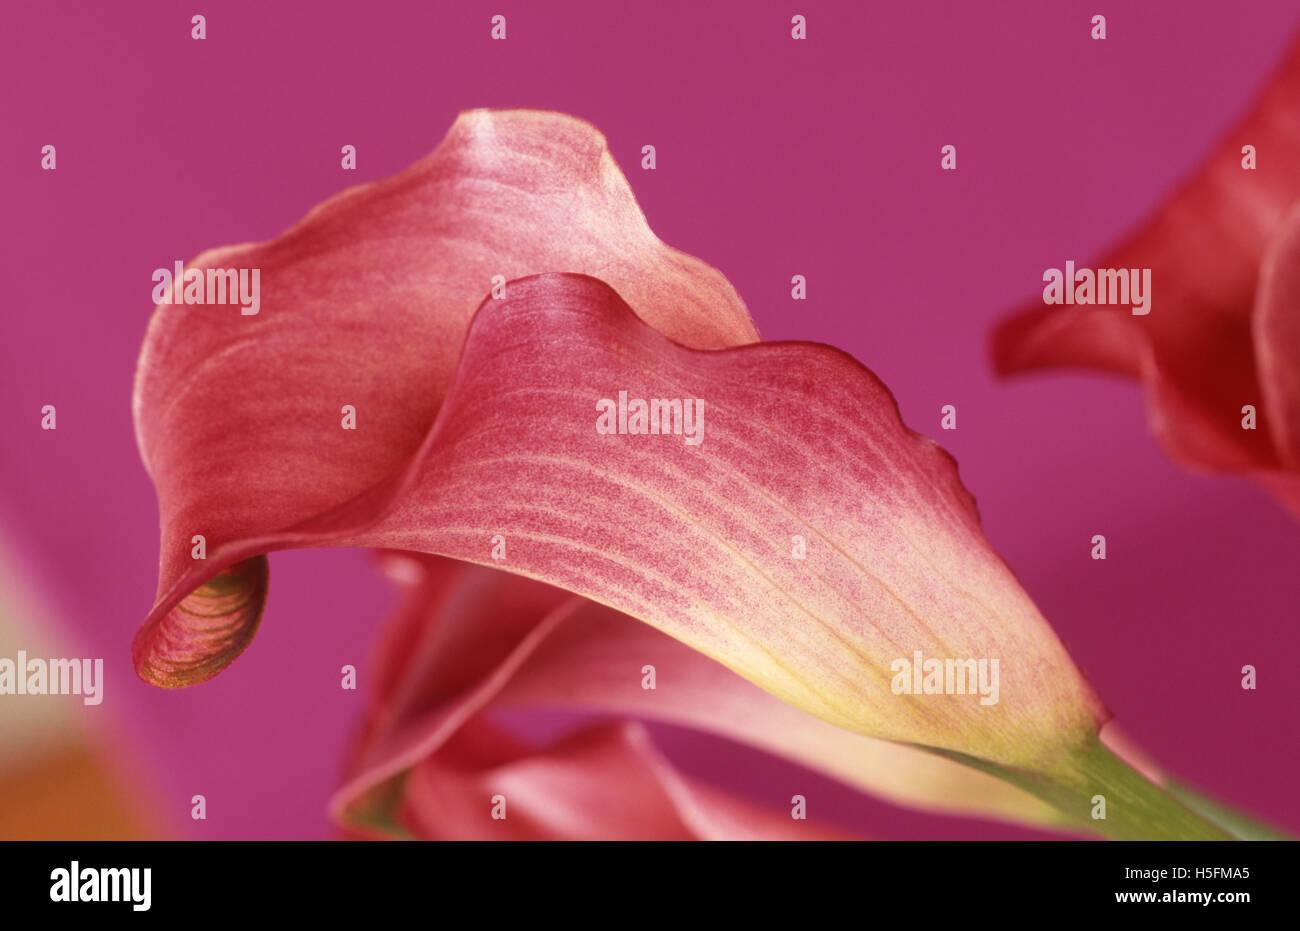 ZANTEDESCHIA (REHMANII) (CALLA) 'CLARET' (PINK CALLAS OR PINK ARUMS) - Stock Image